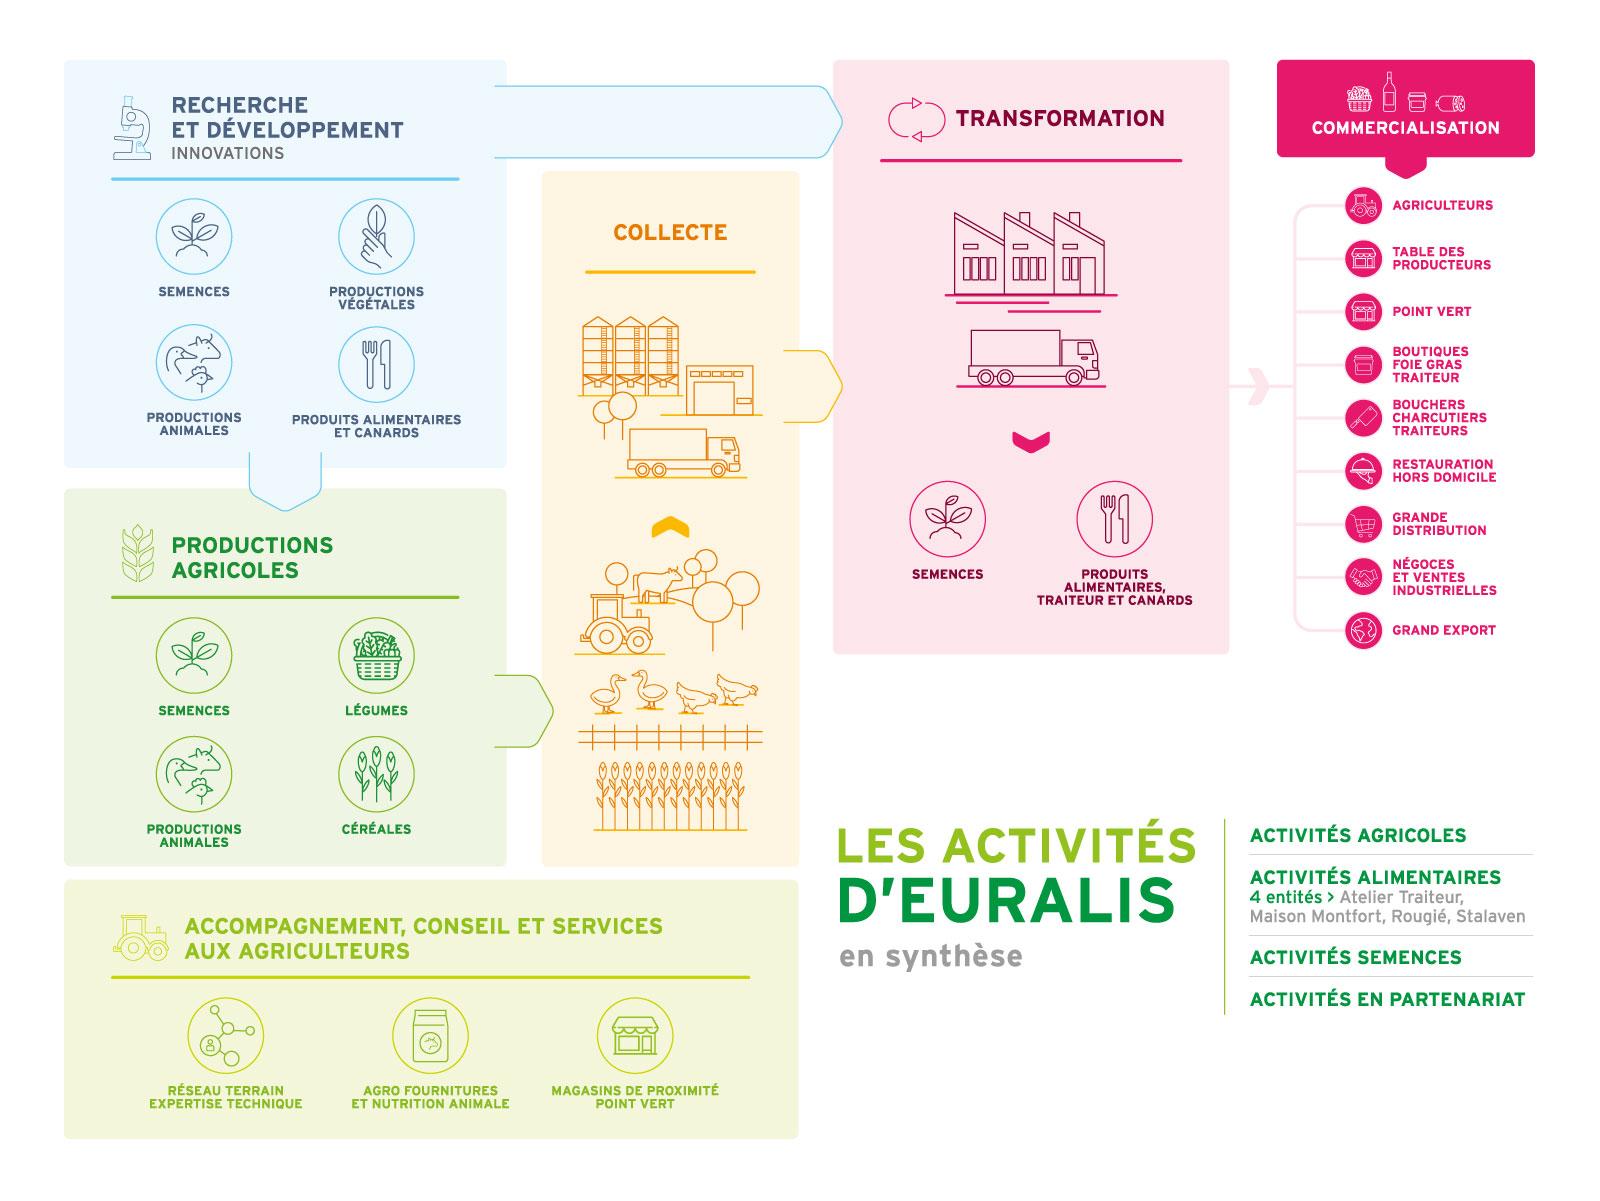 Groupe Euralis - Coopérative Agricole et agroalimentaire - Synthèse des activités